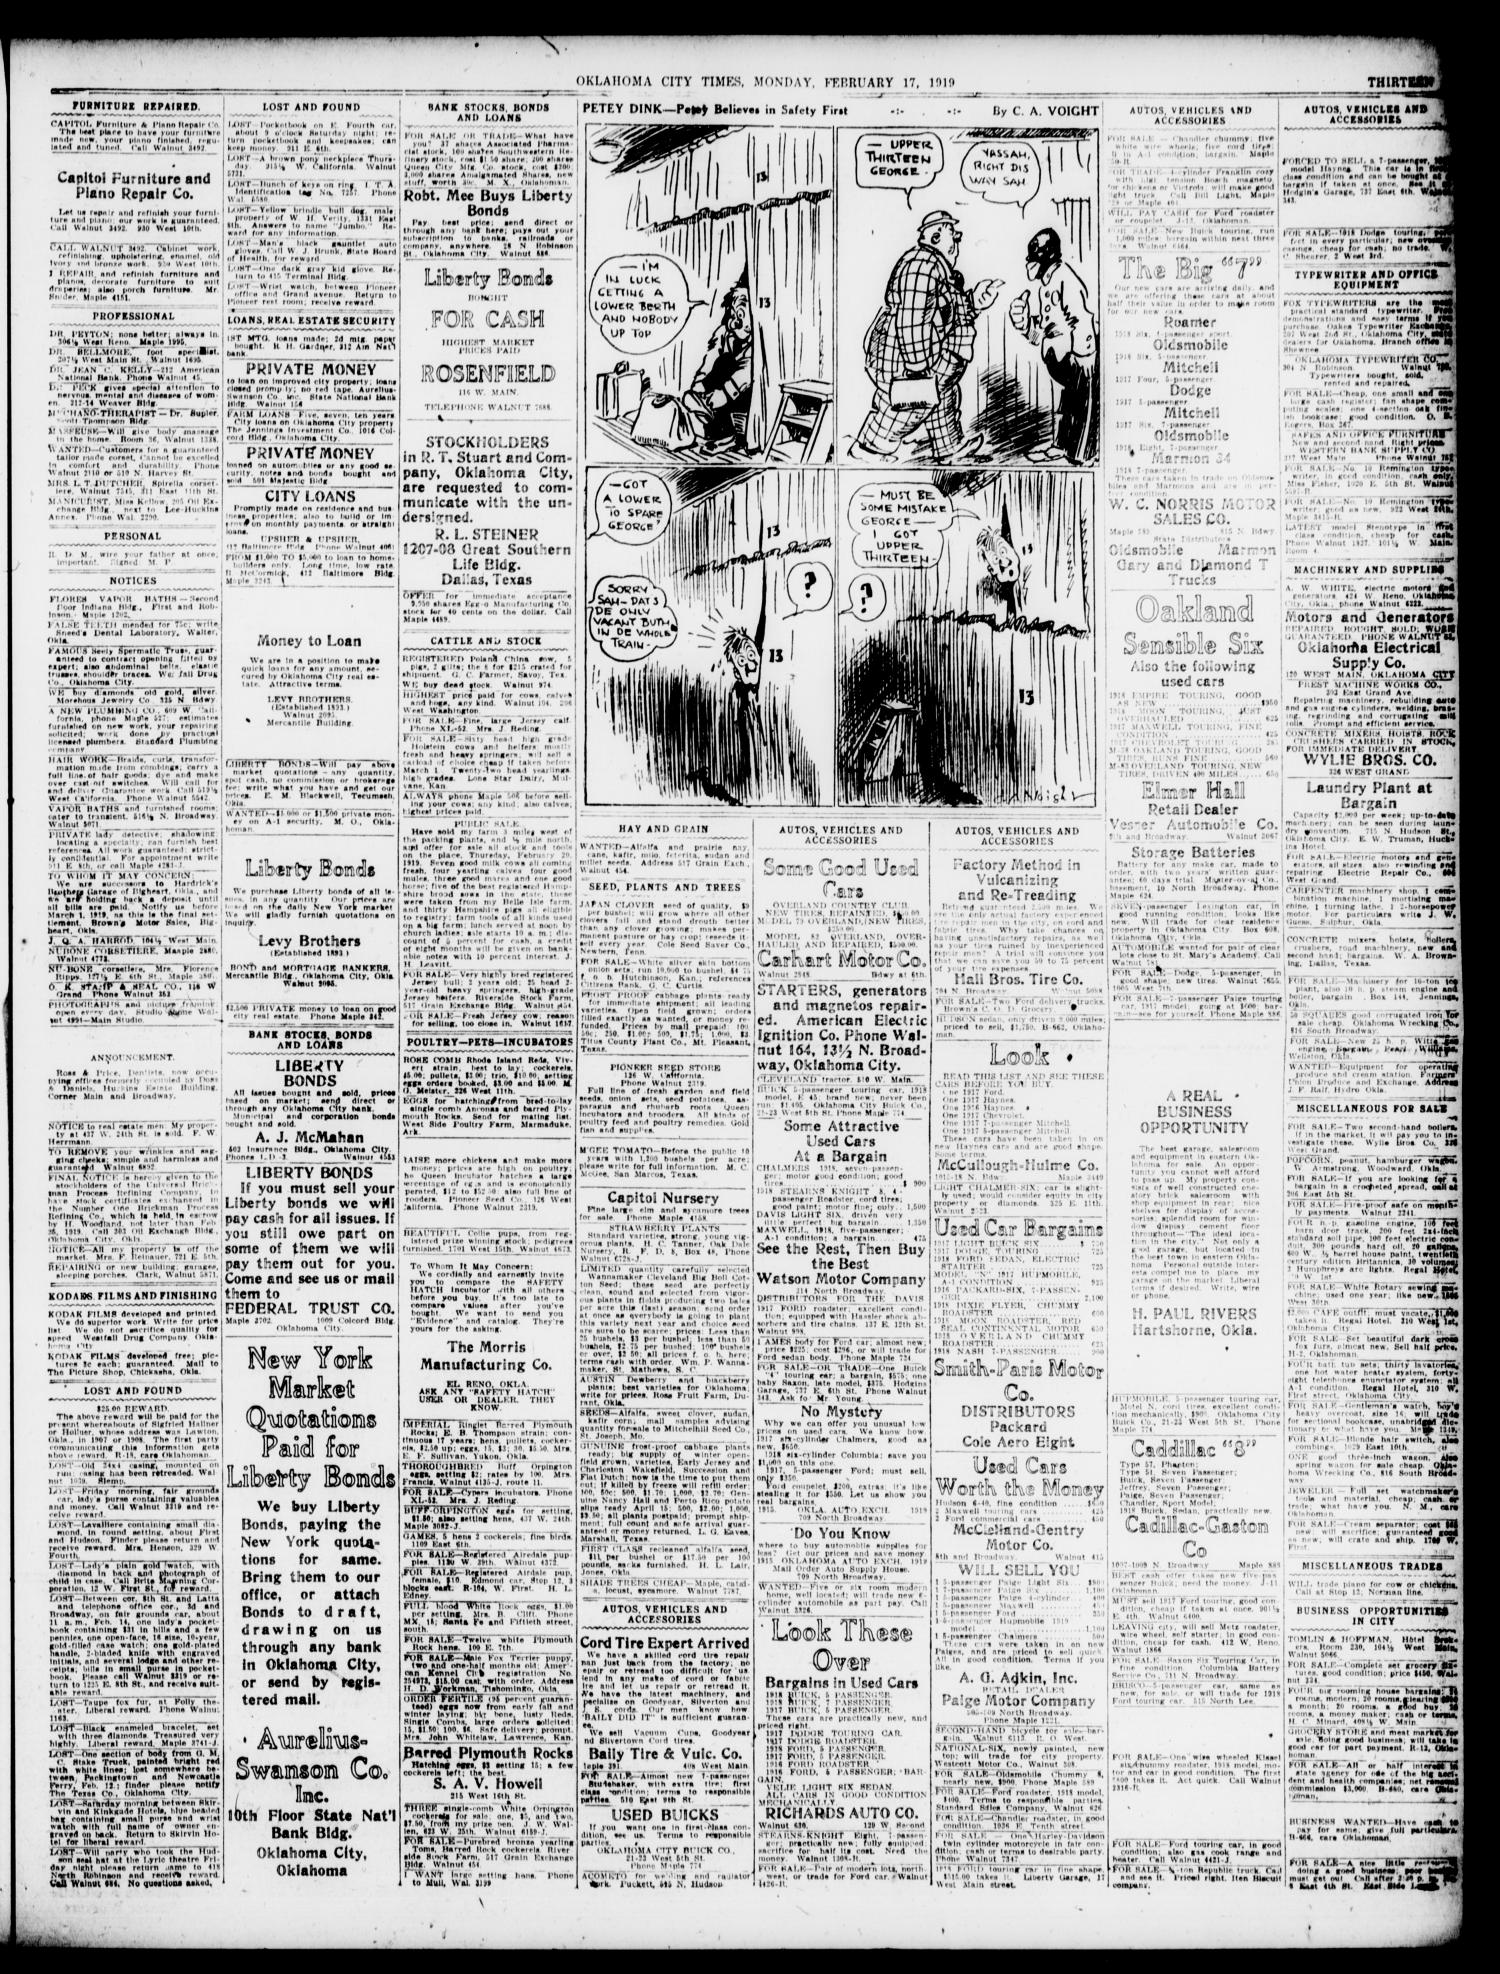 Oklahoma City Times (Oklahoma City, Okla.), Vol. 30, No. 274, Ed. 1 ...